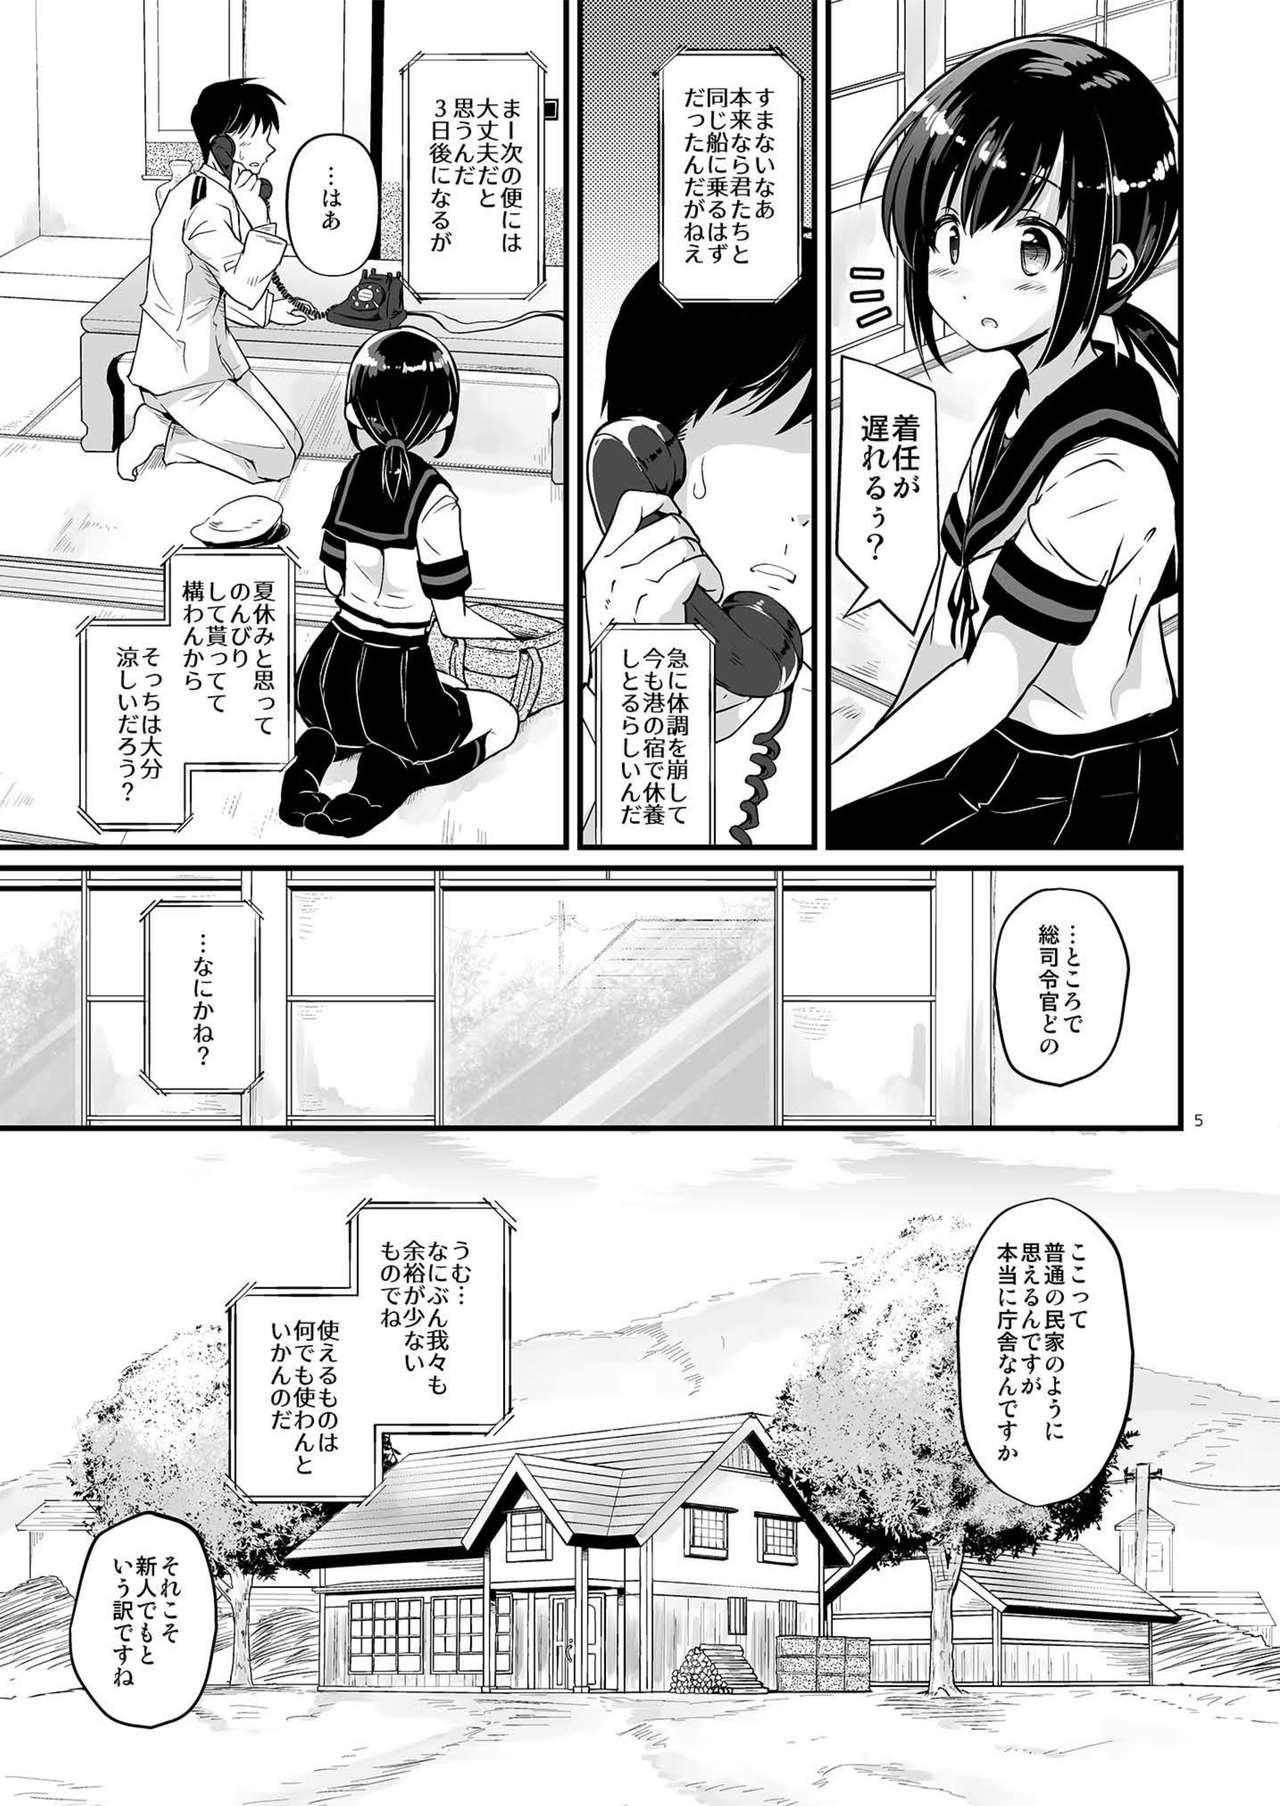 Koori no Sekai 3